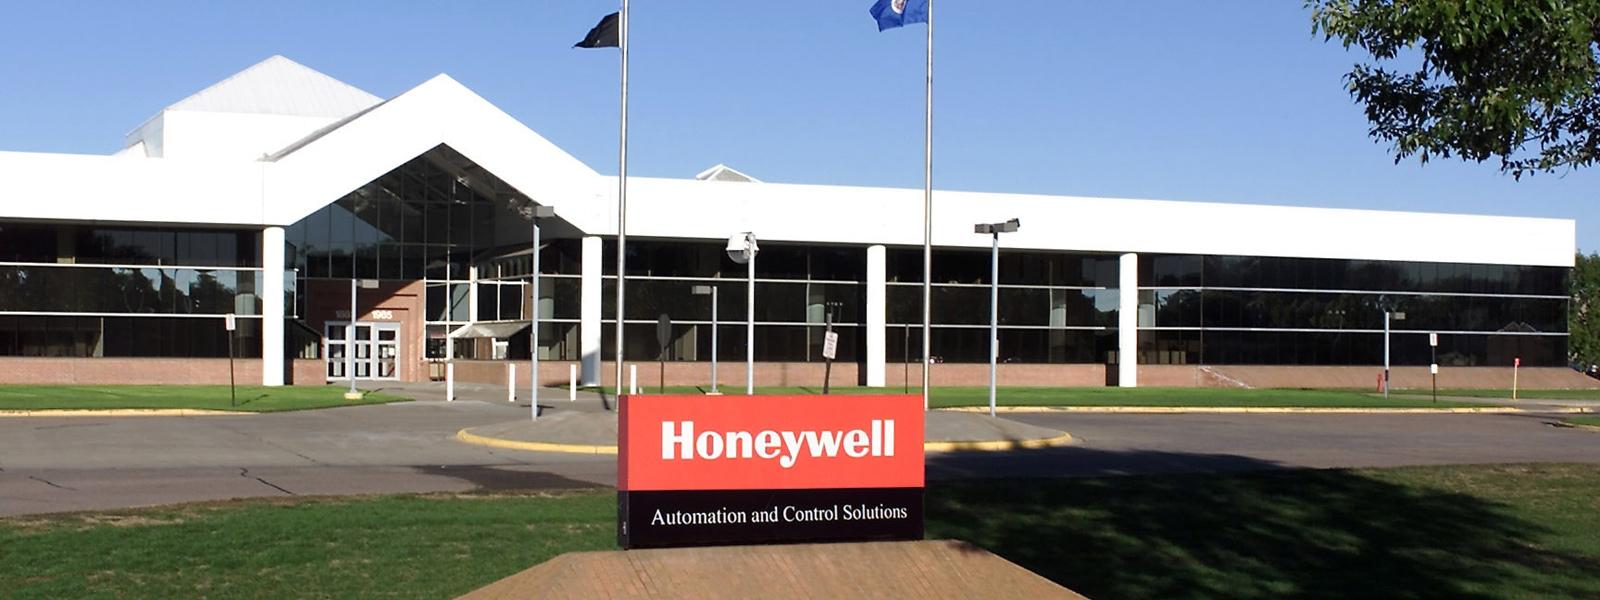 honeywell locations